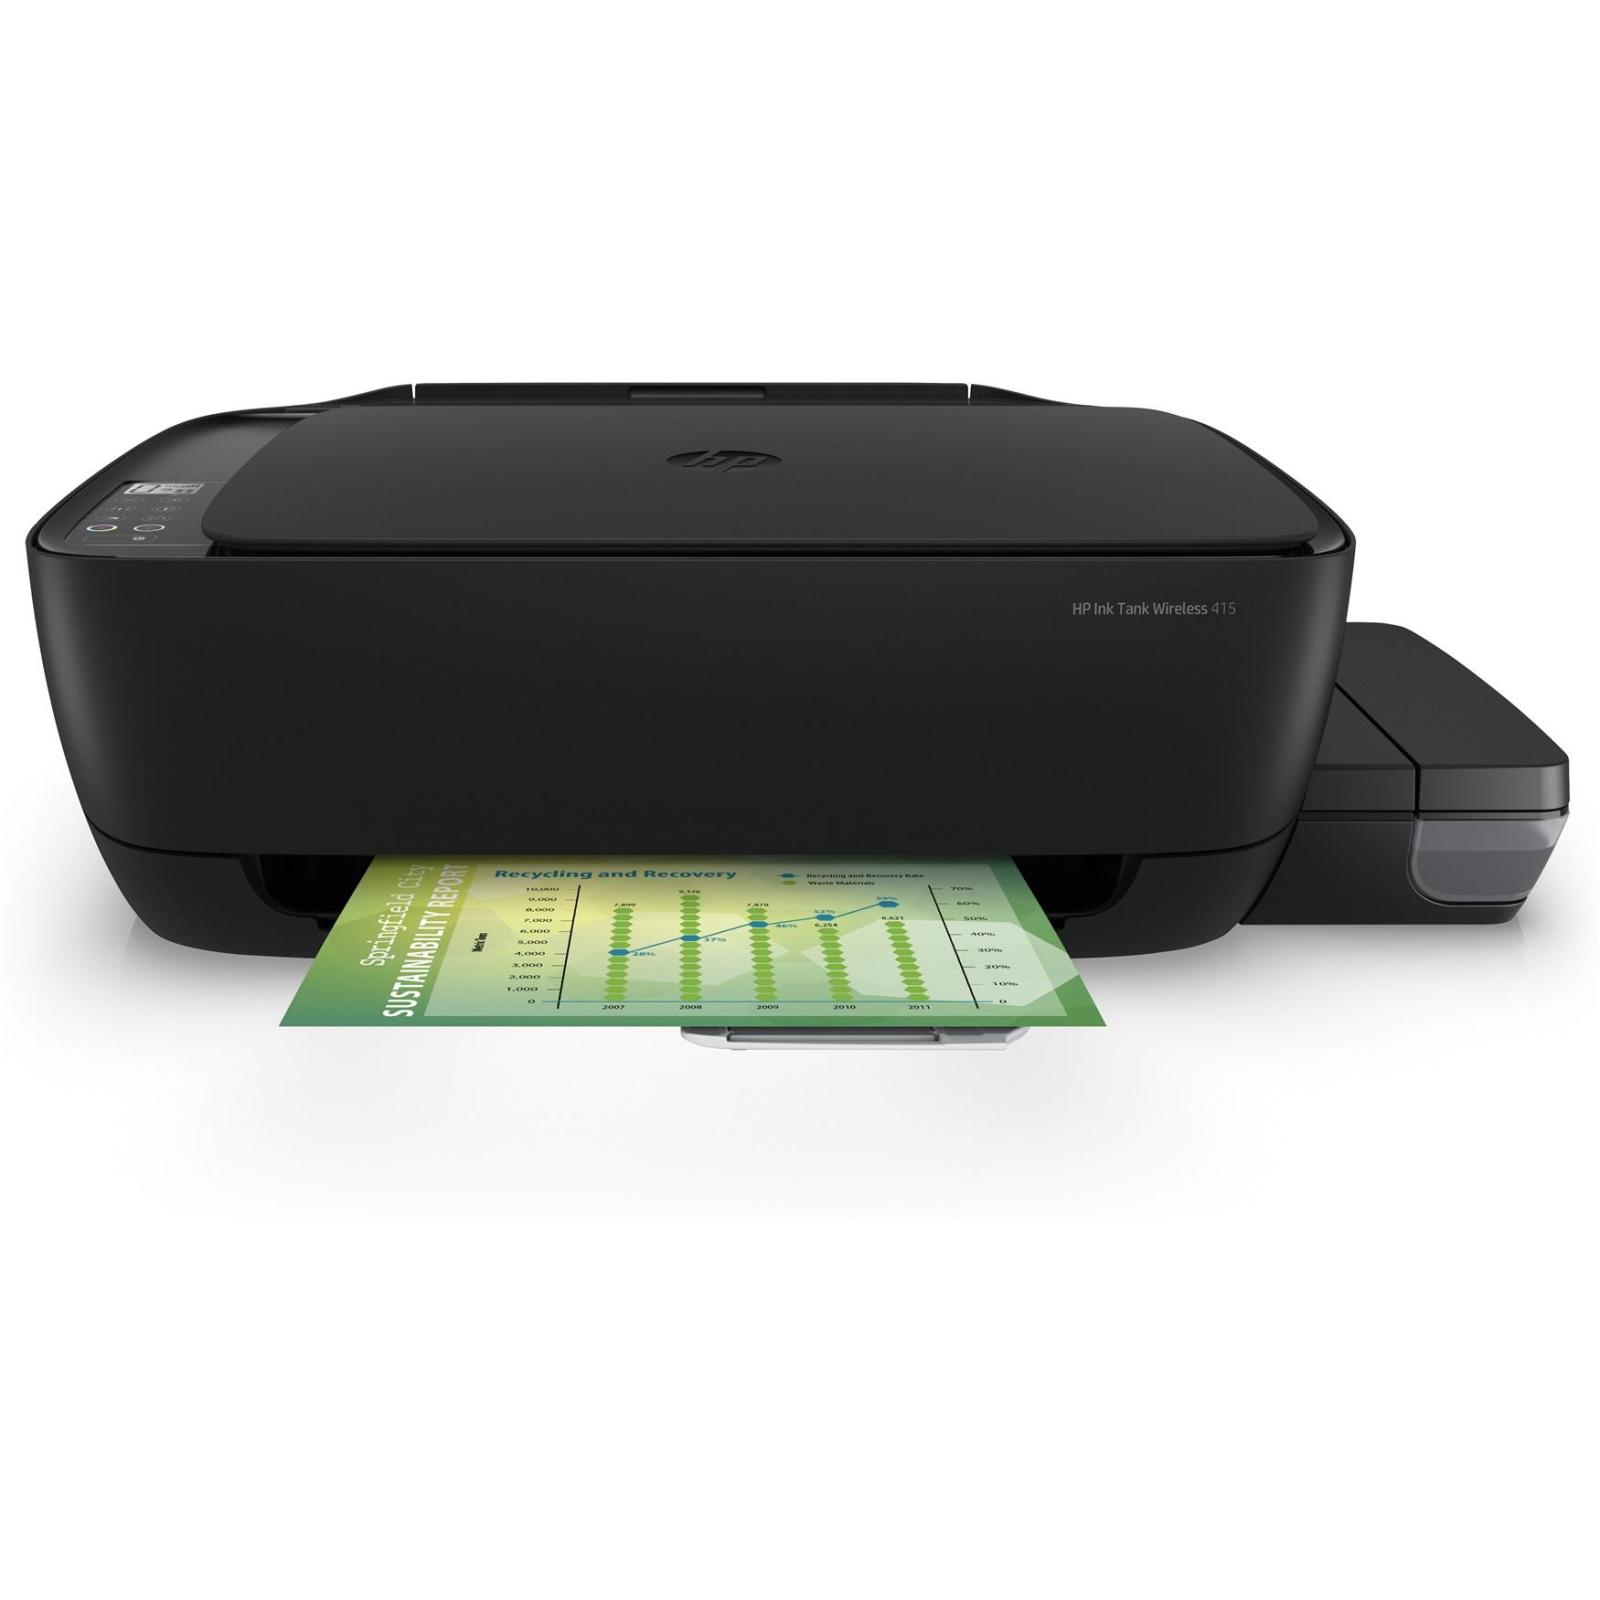 Многофункциональное устройство HP Ink Tank 415 c Wi-Fi (Z4B53A) изображение 2